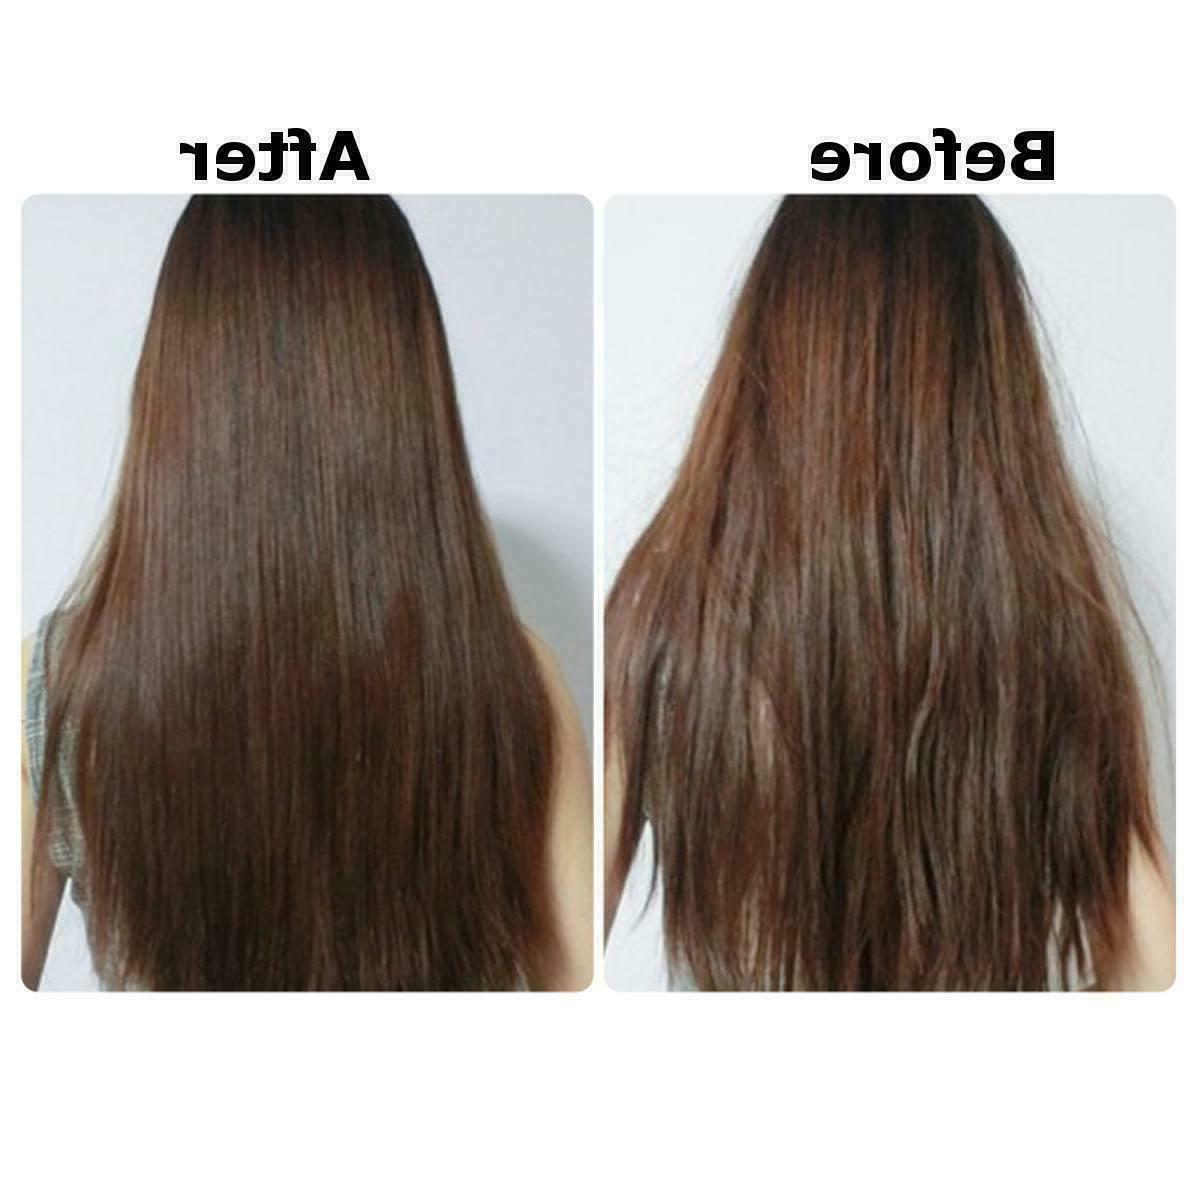 Magical Hair Treatment Tonic Keratin Sec Damage Hair